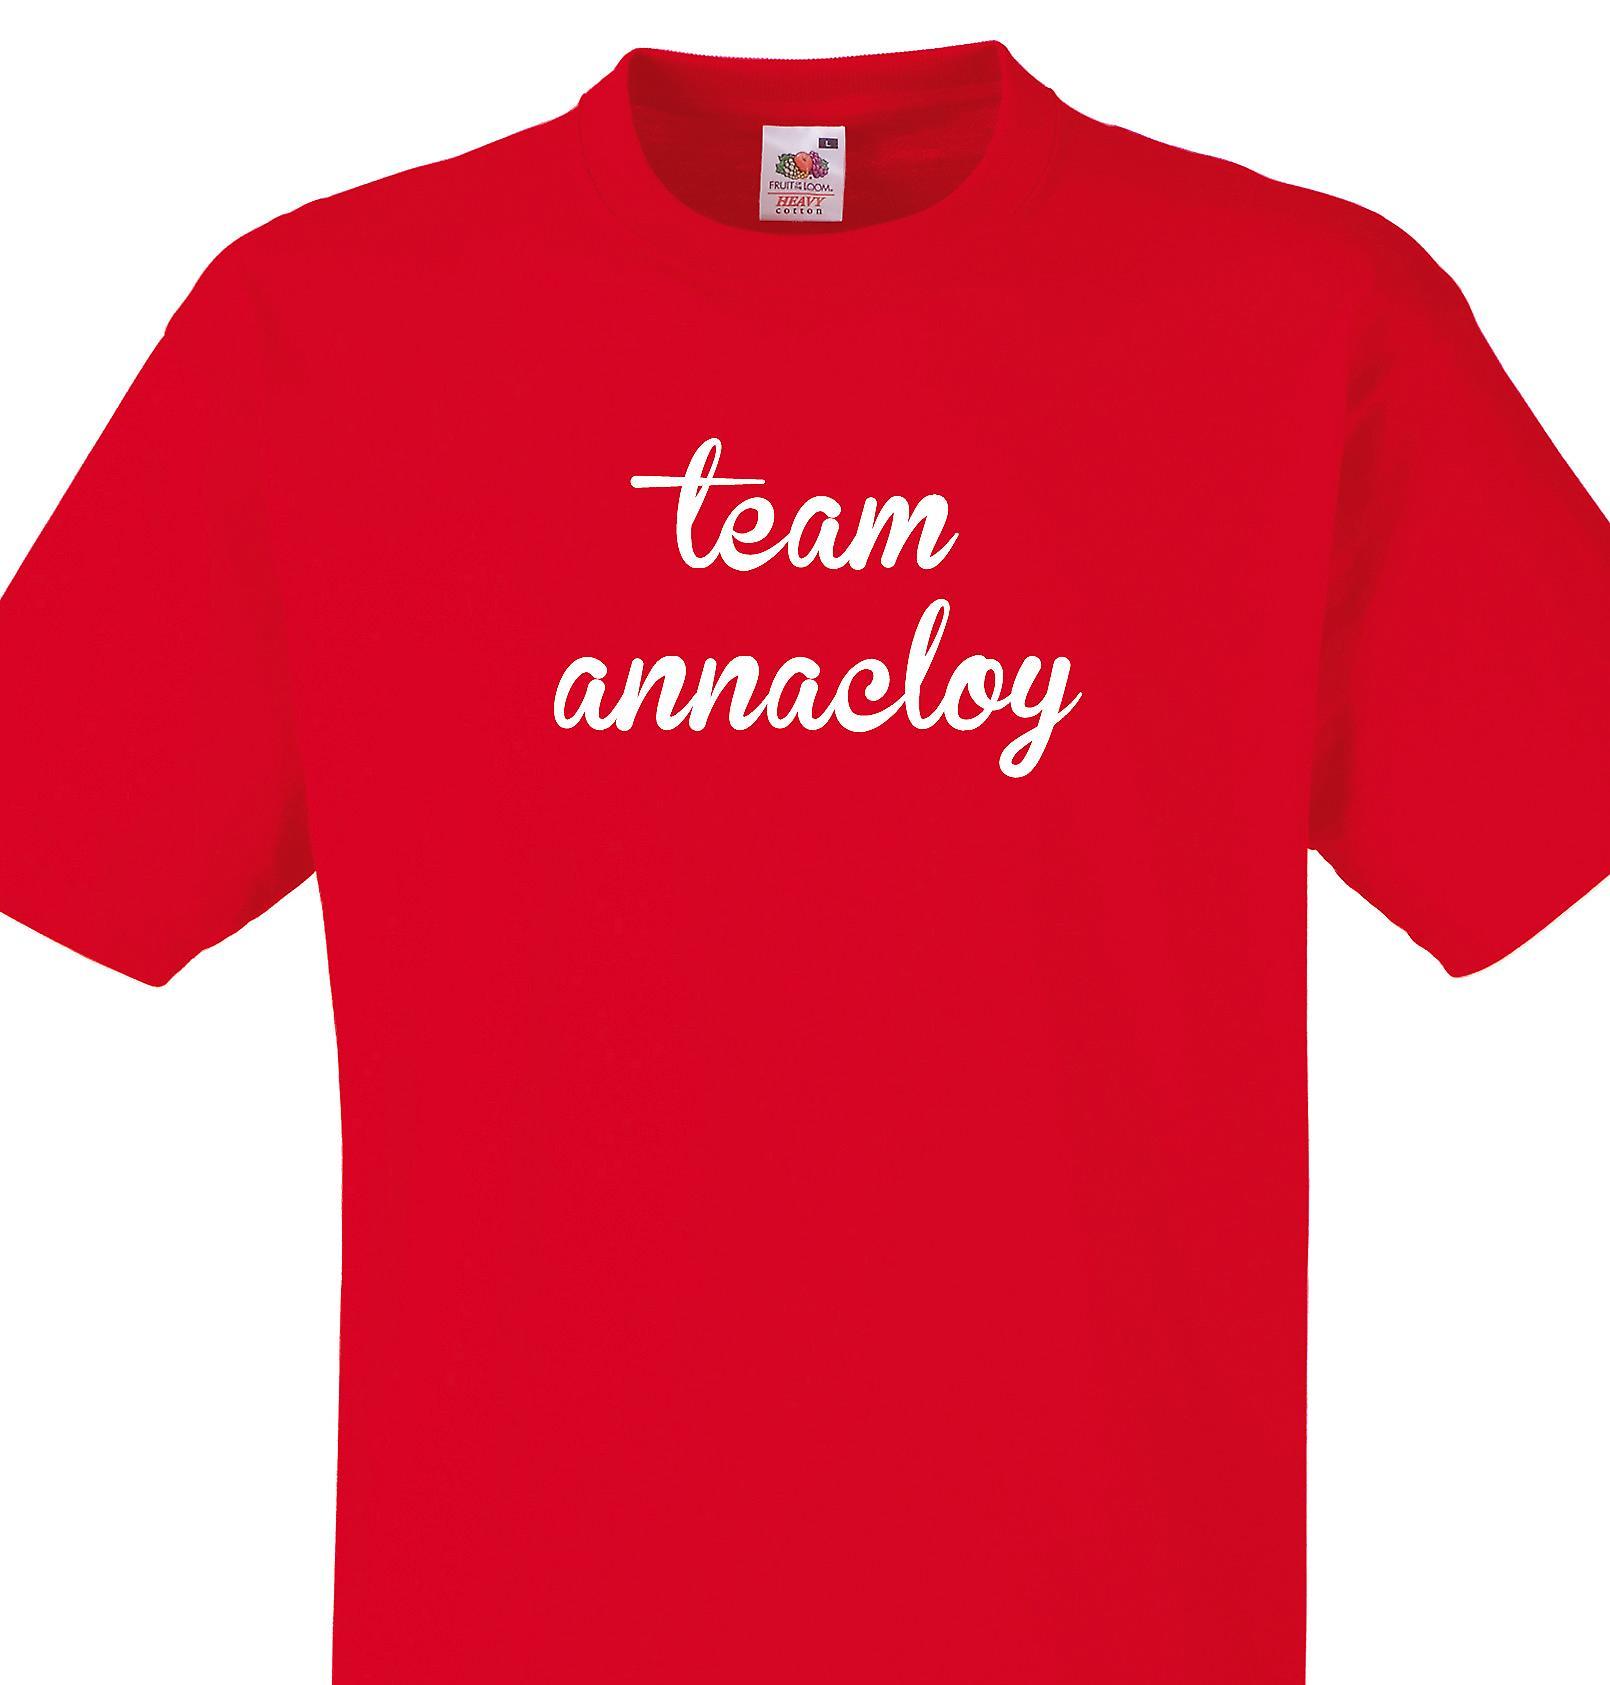 Team Annacloy Red T shirt